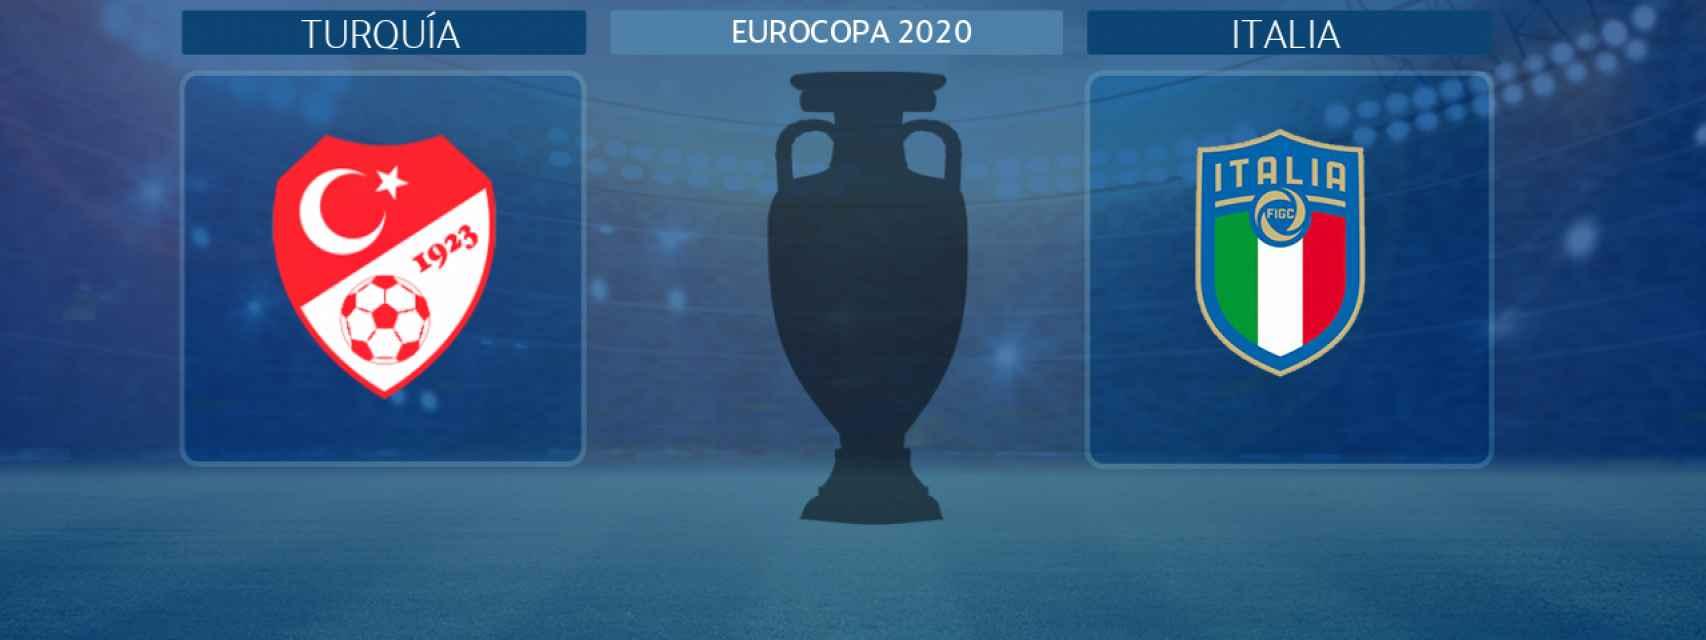 Turquía - Italia, partido inaugural de la Eurocopa 2020